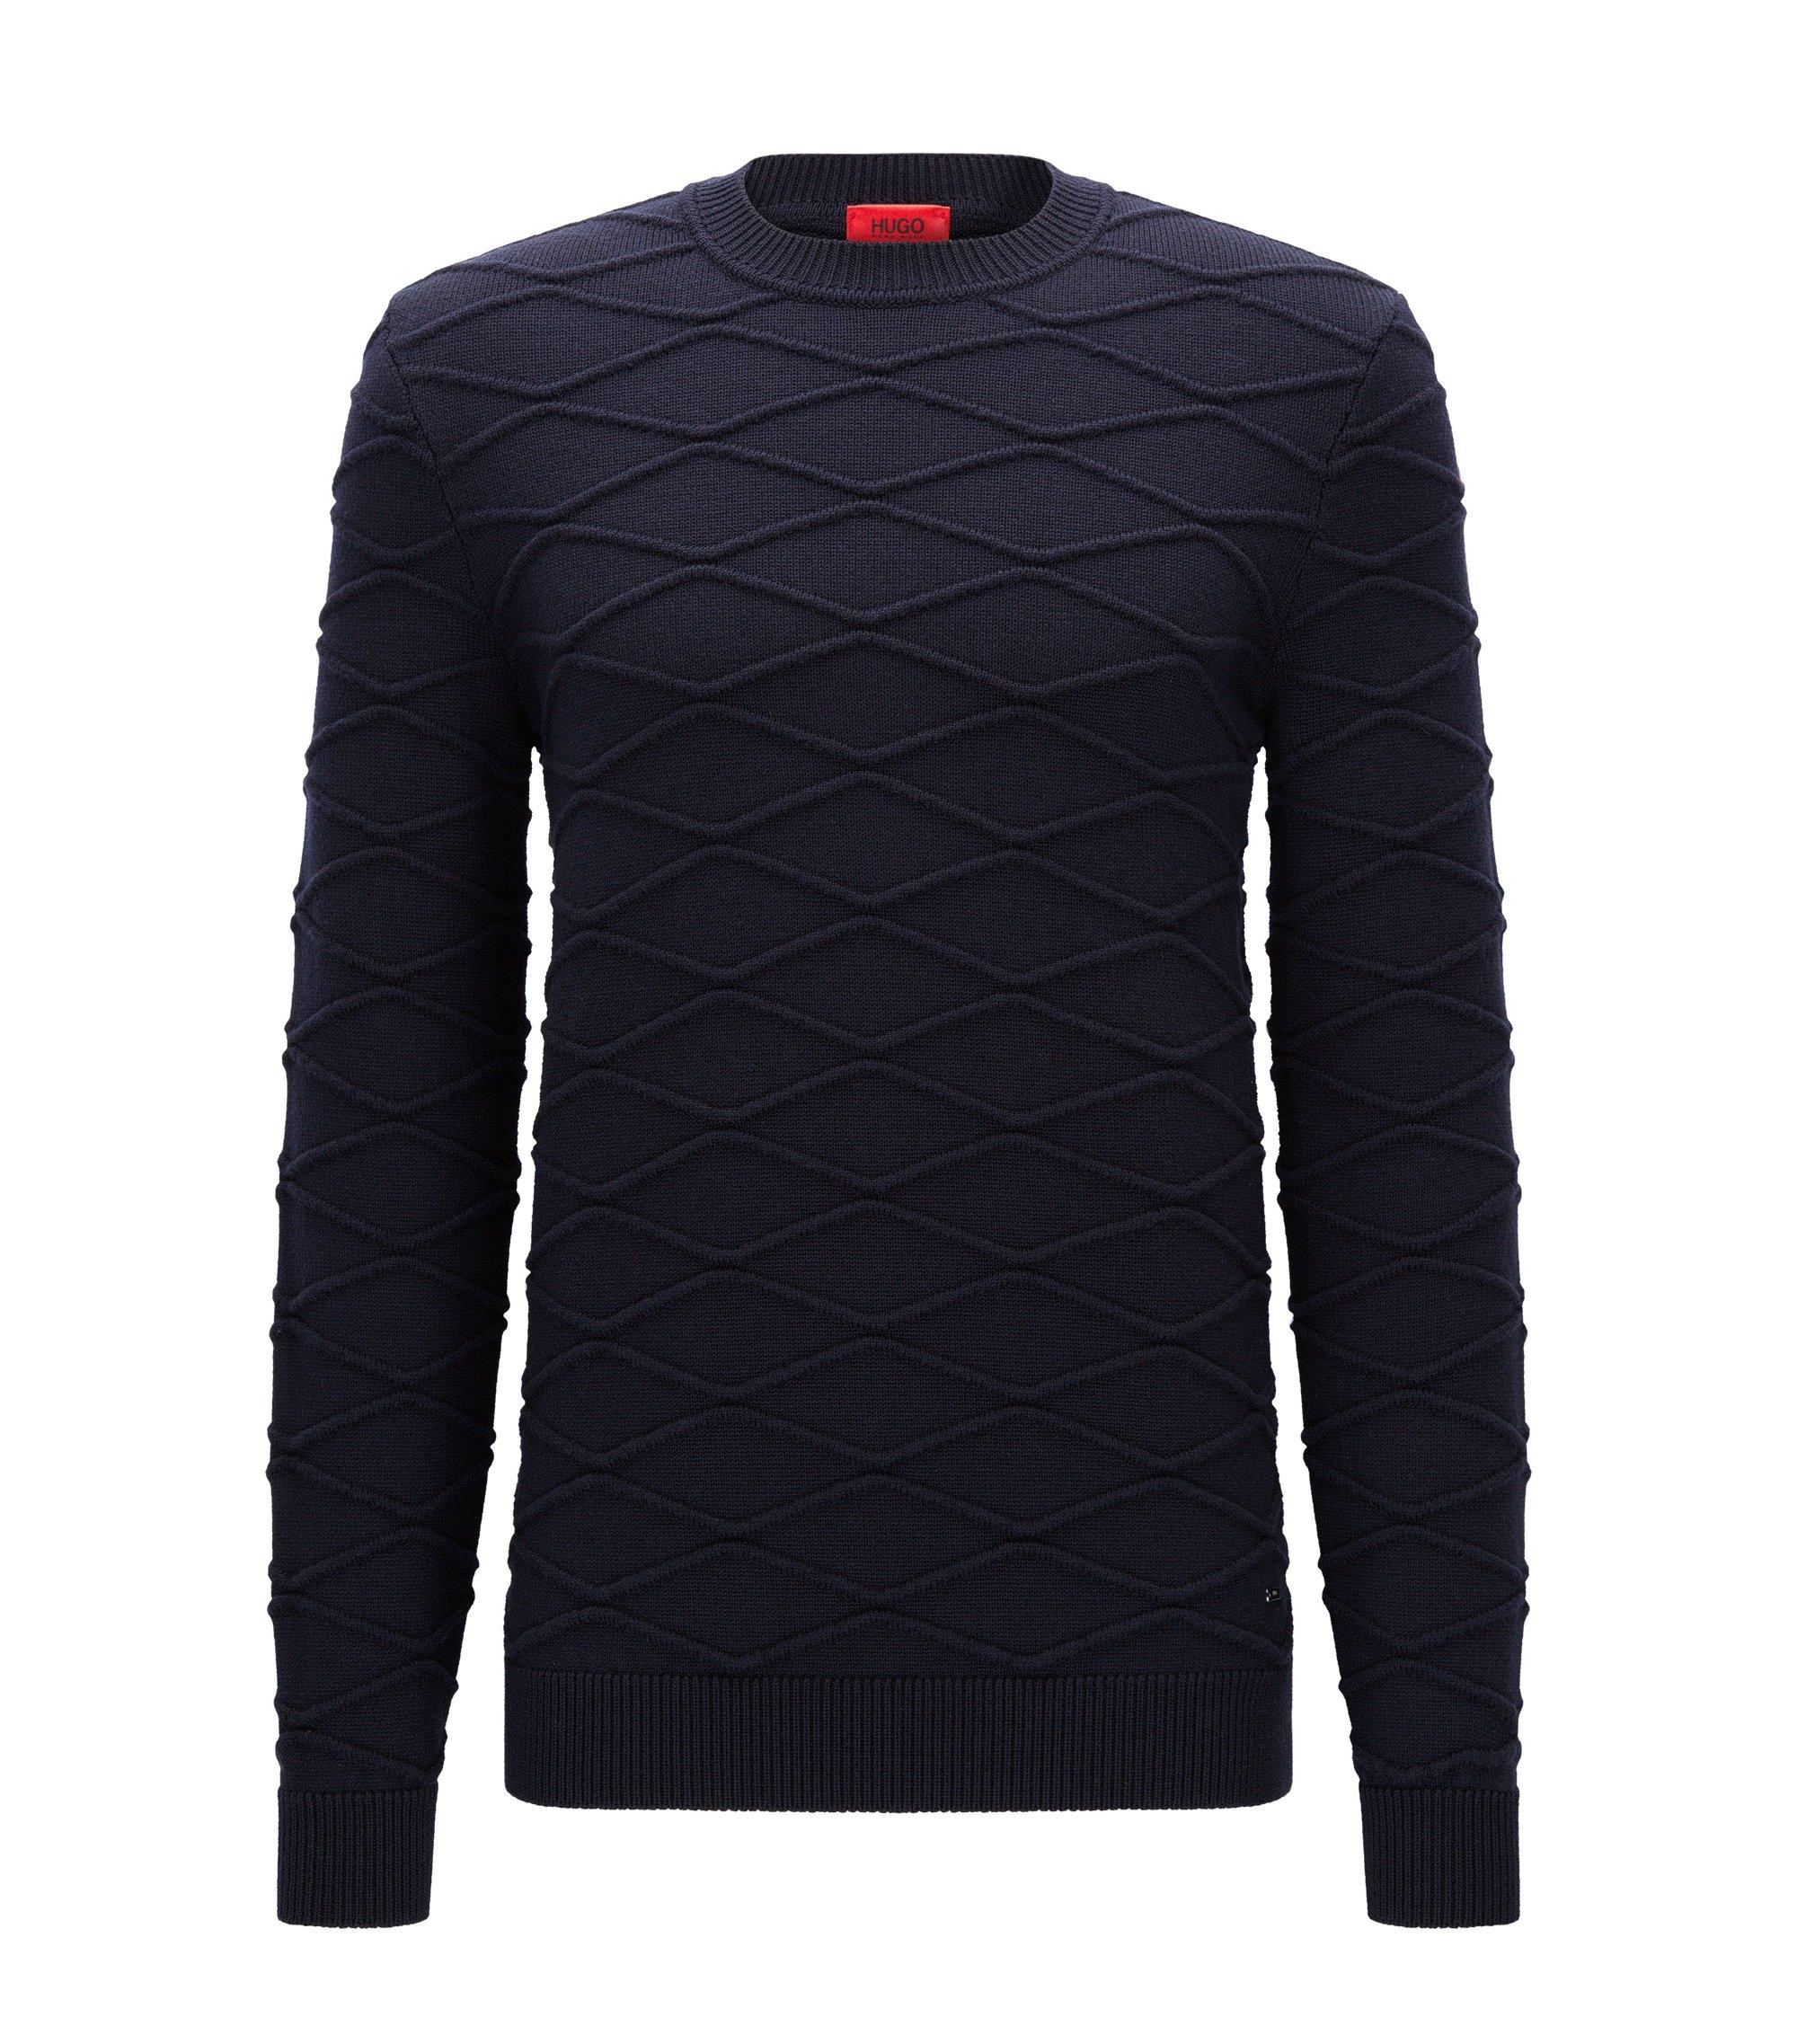 Maglione con lavorazione 3D in lana vergine, Blu scuro